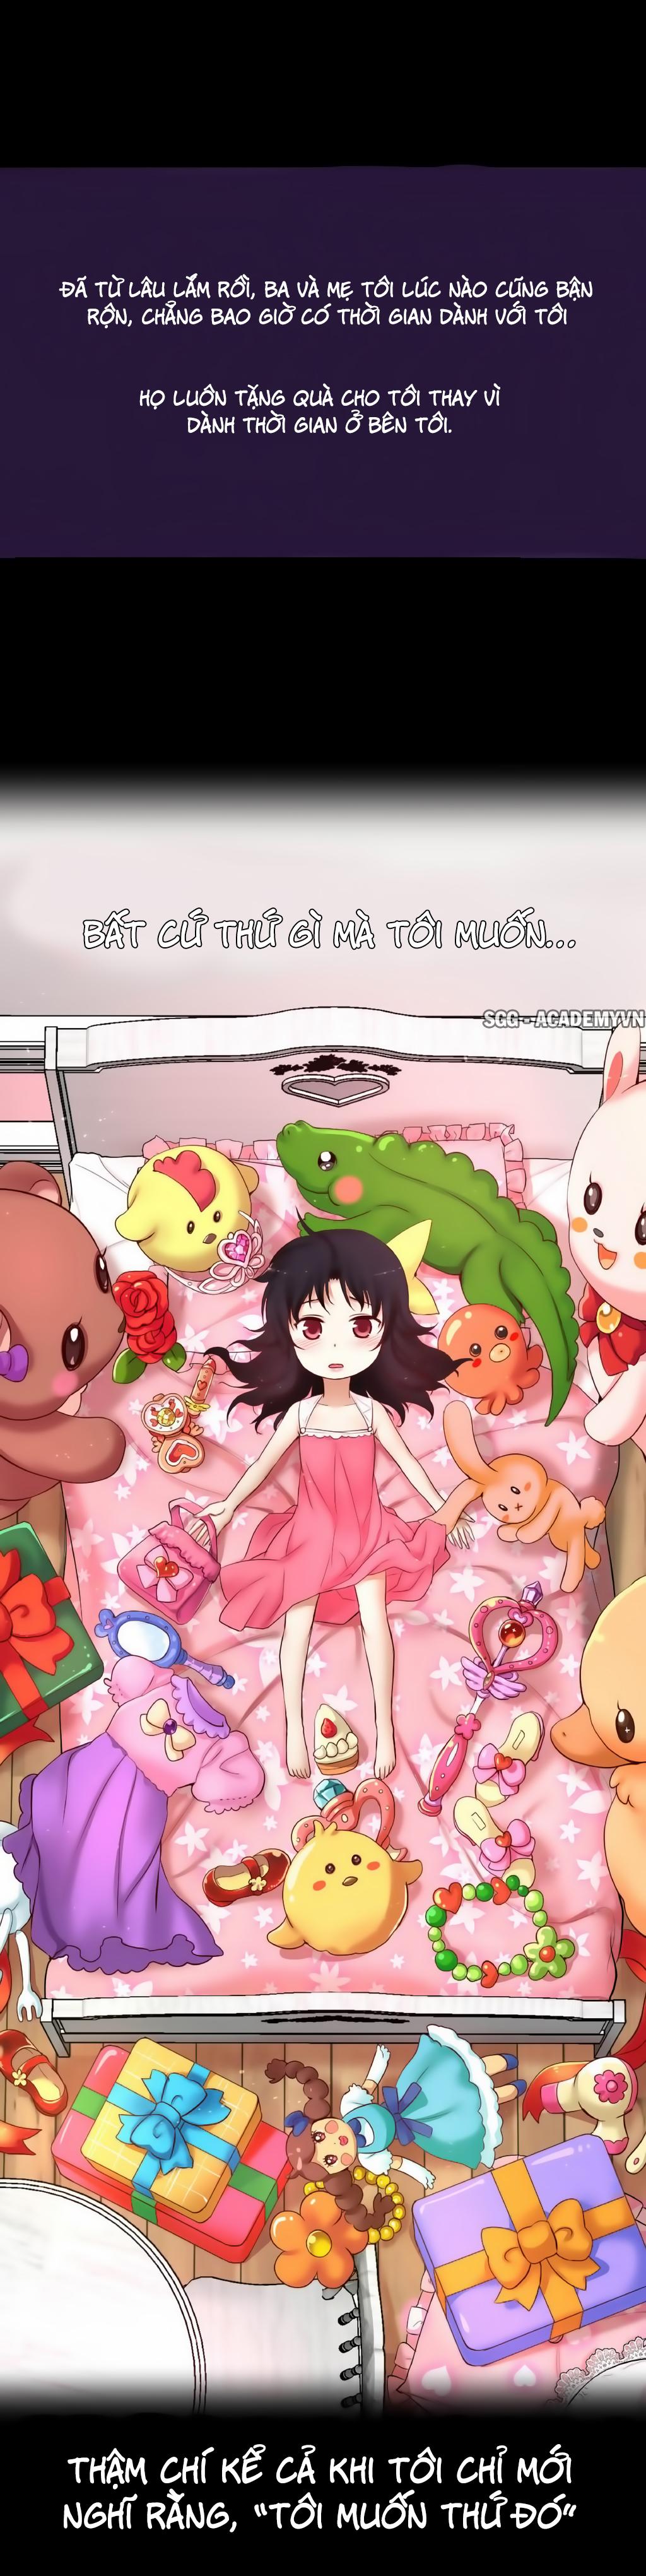 Hình ảnh HINH_00006 in [Siêu phẩm Hentai] Little Girl Full